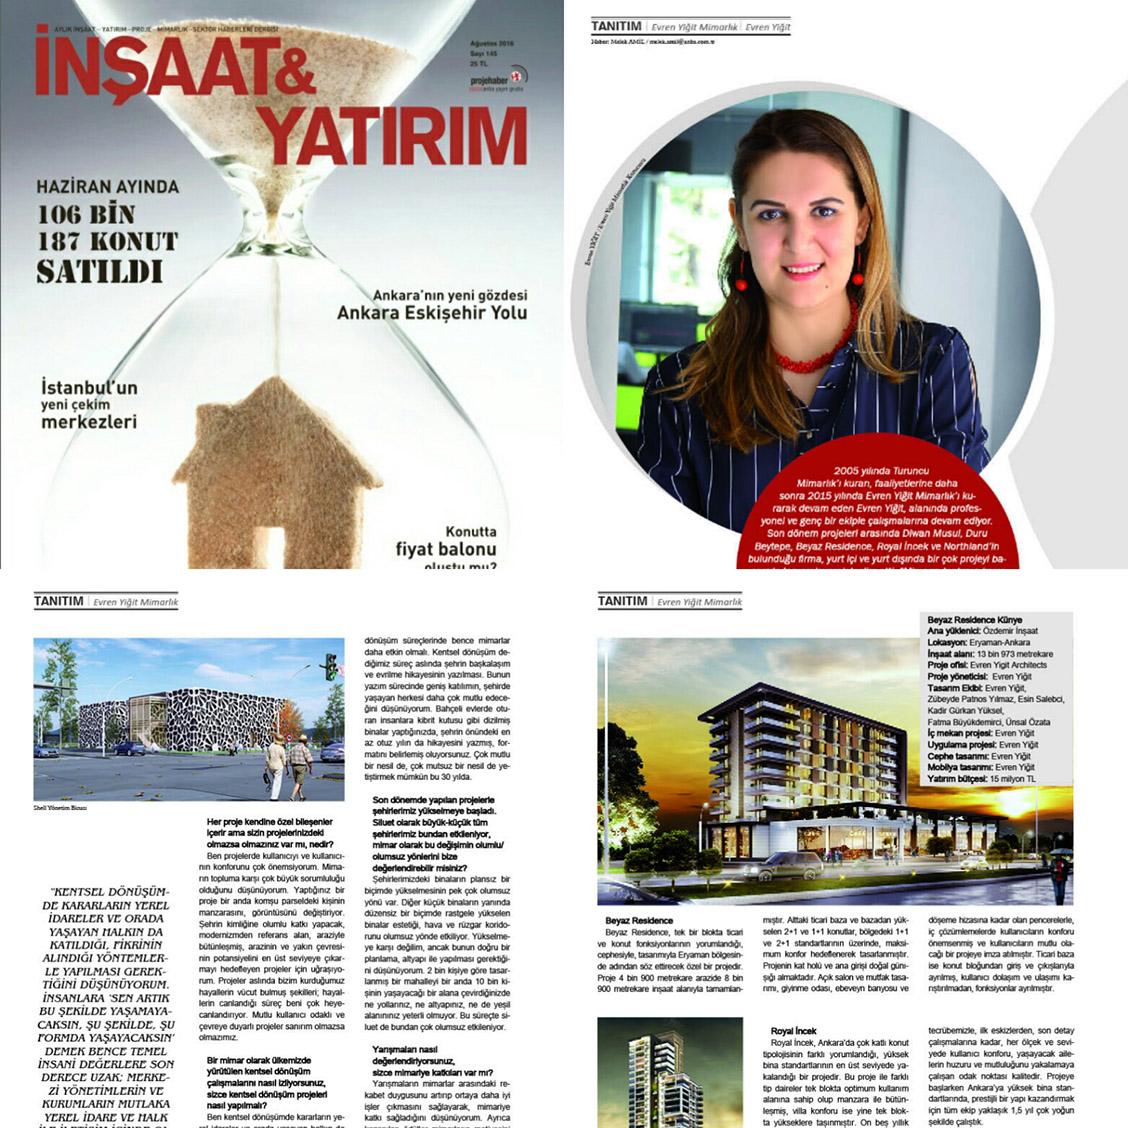 Evren Yiğit   Evren Yiğit Mimarlık İnşaat & Yatırım dergisinin Ağustos 2016 sayısında   Sıradışı Digital